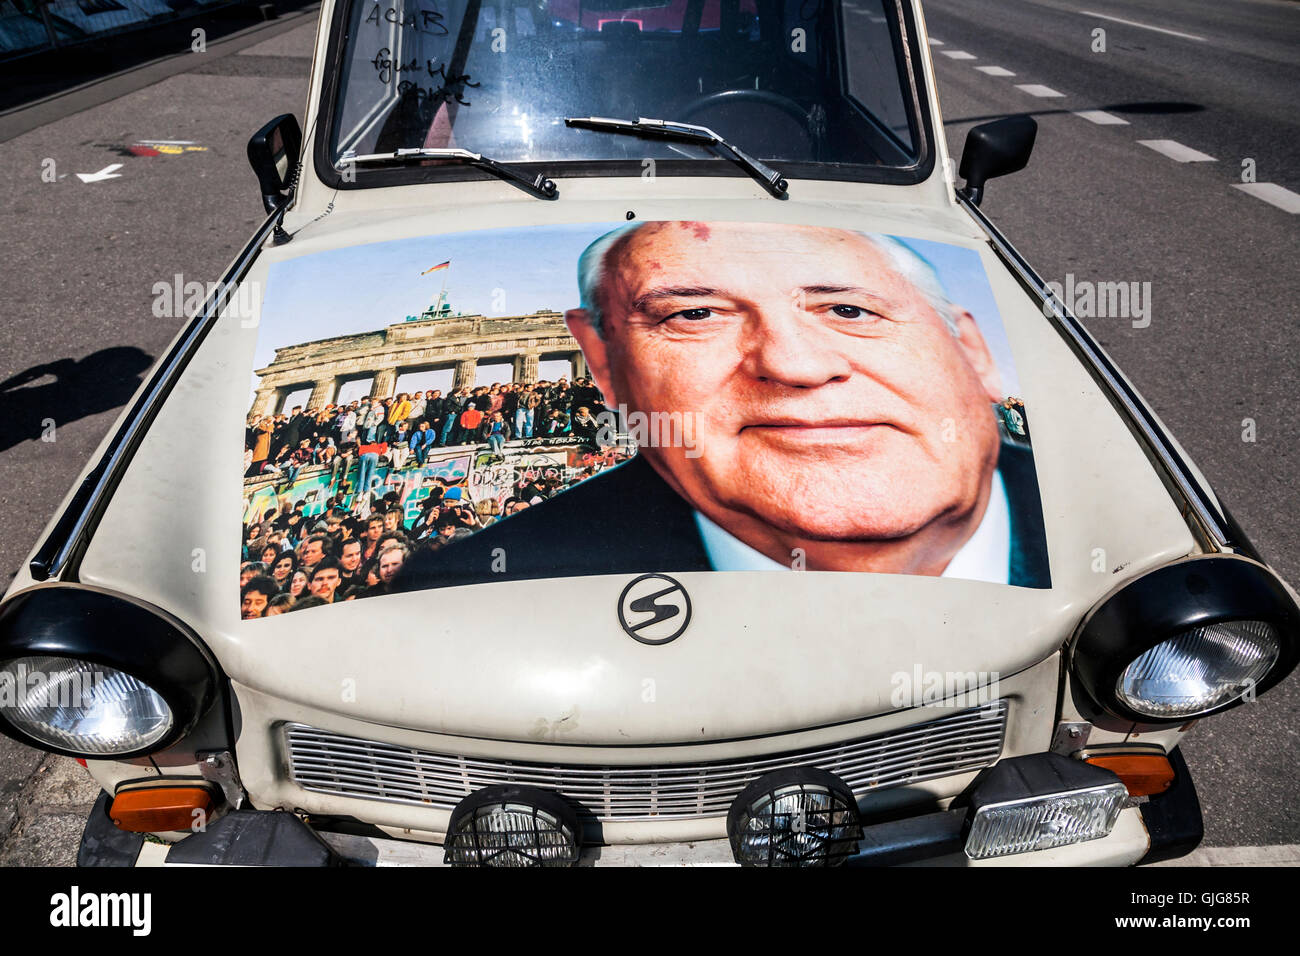 Detail von einem alten Trabant Auto mit einem Bild von Mikhail Gorbachev und dem Fall der Berliner Mauer auf der Stockbild